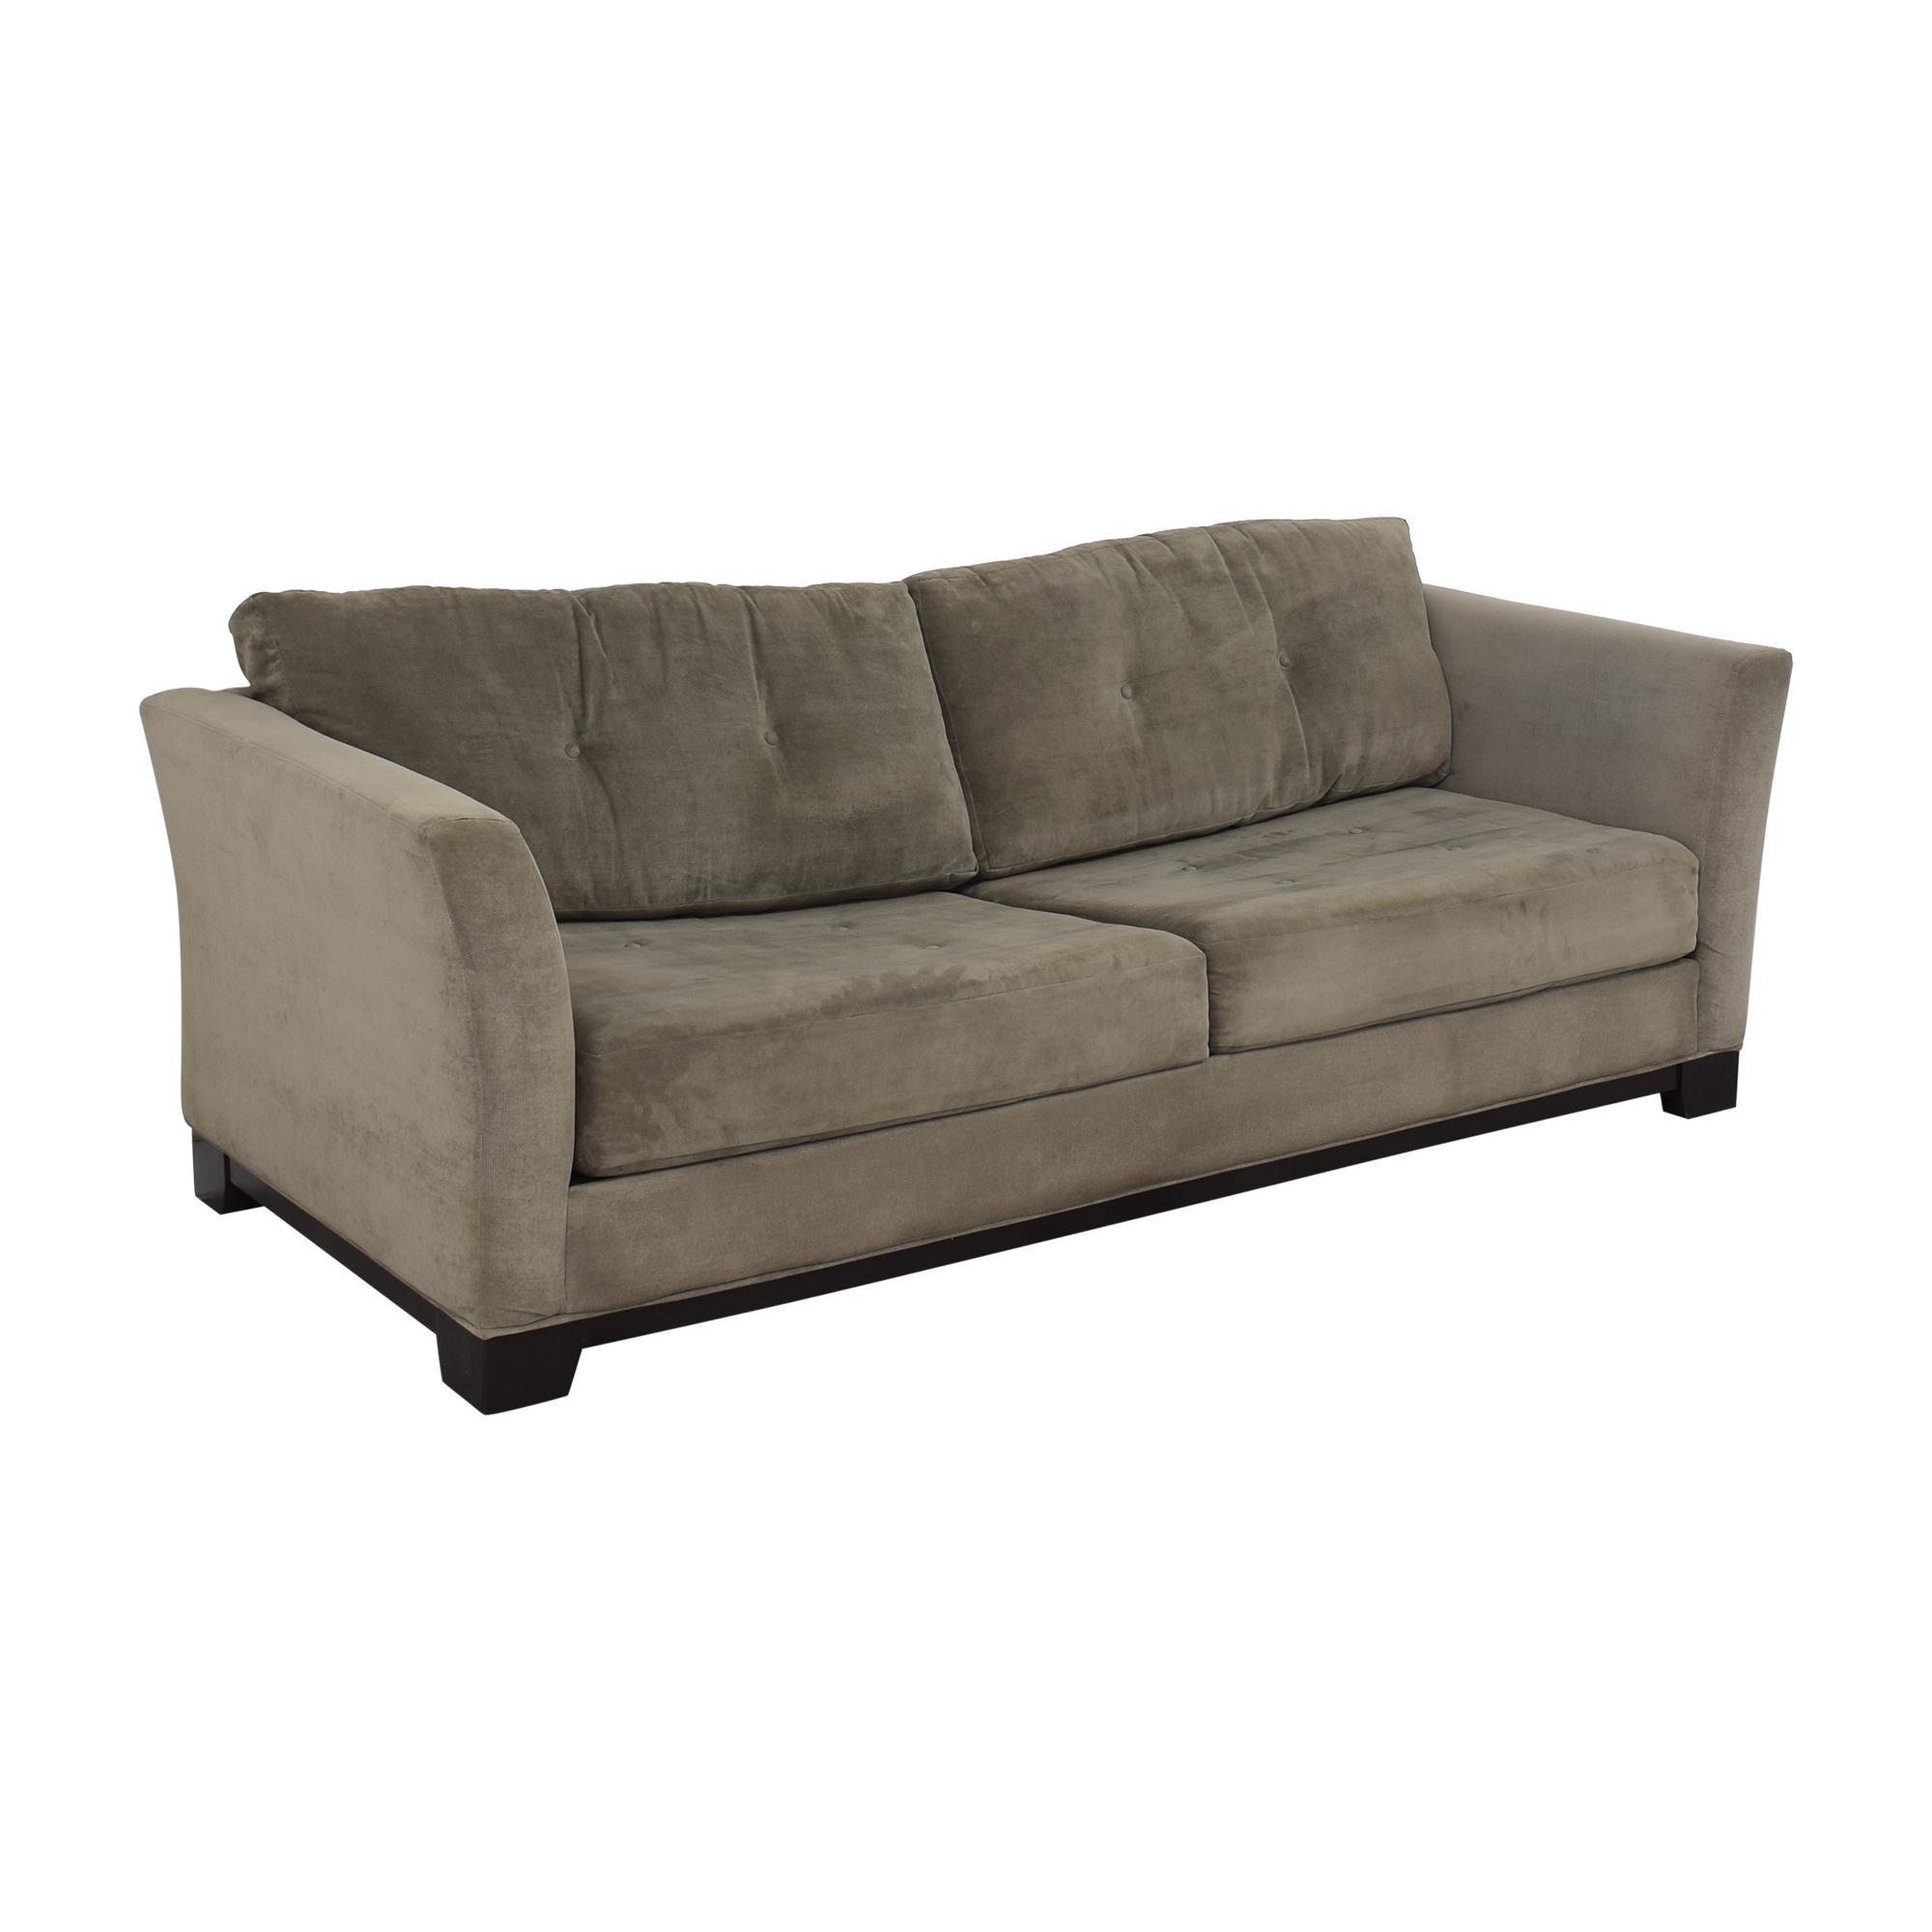 Macy's Macy's Elliott Queen Sofa Bed grey